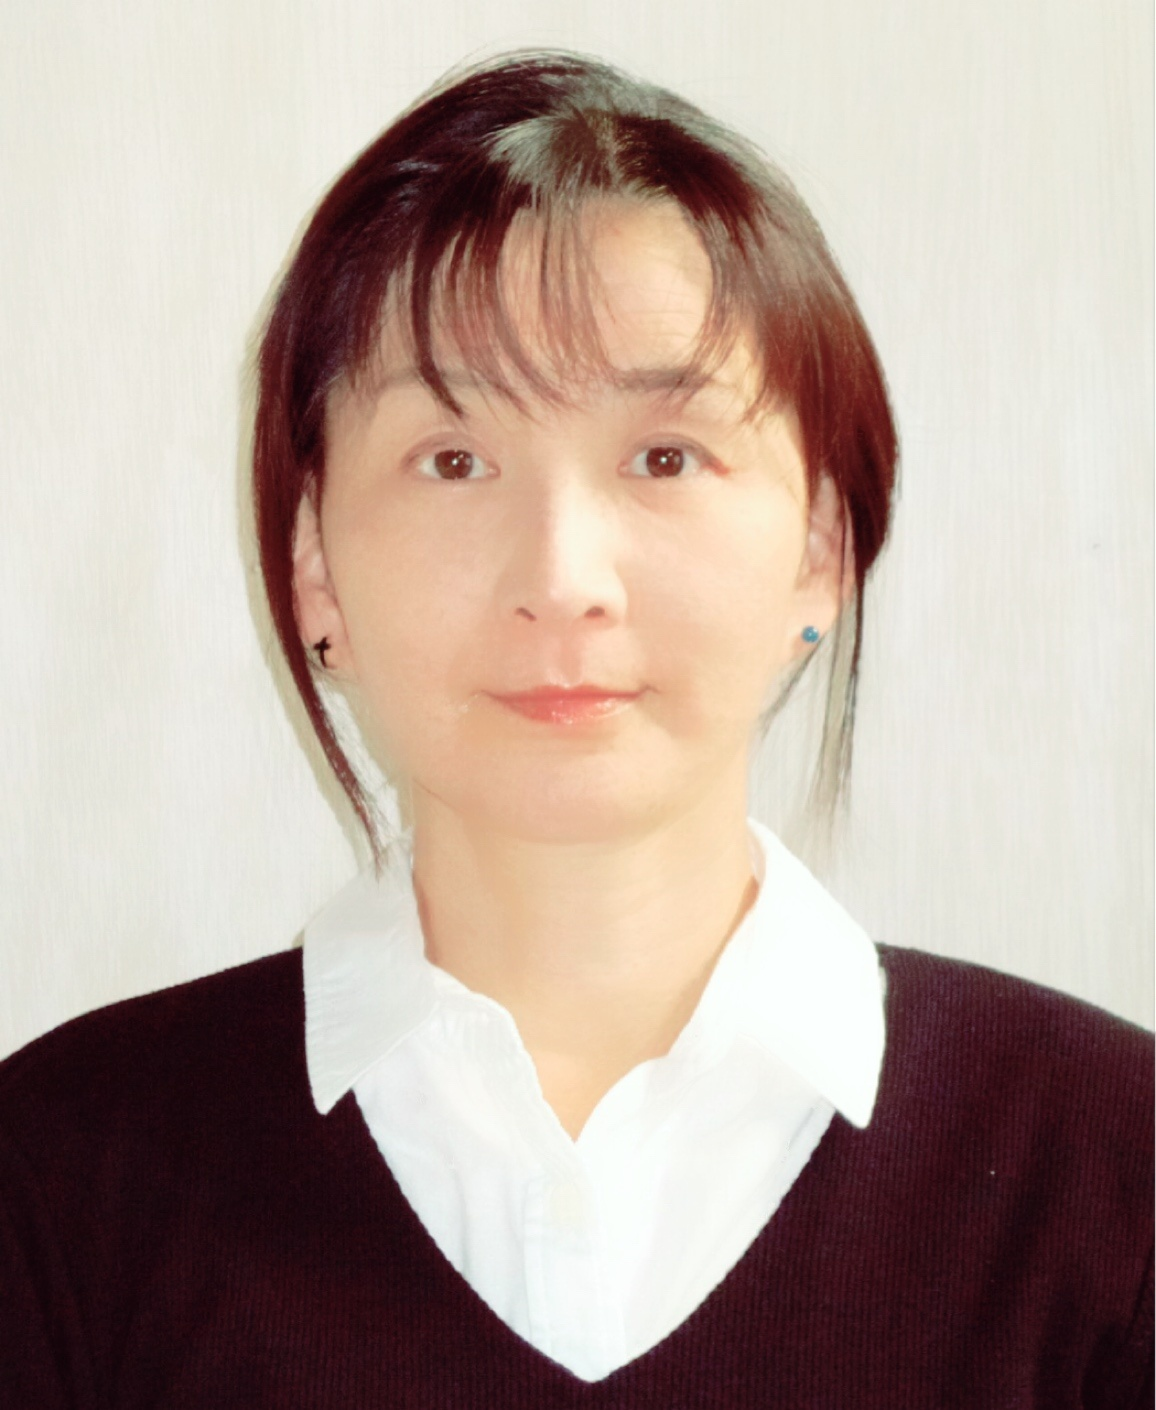 美快眠講座卒業米島 仁美さん